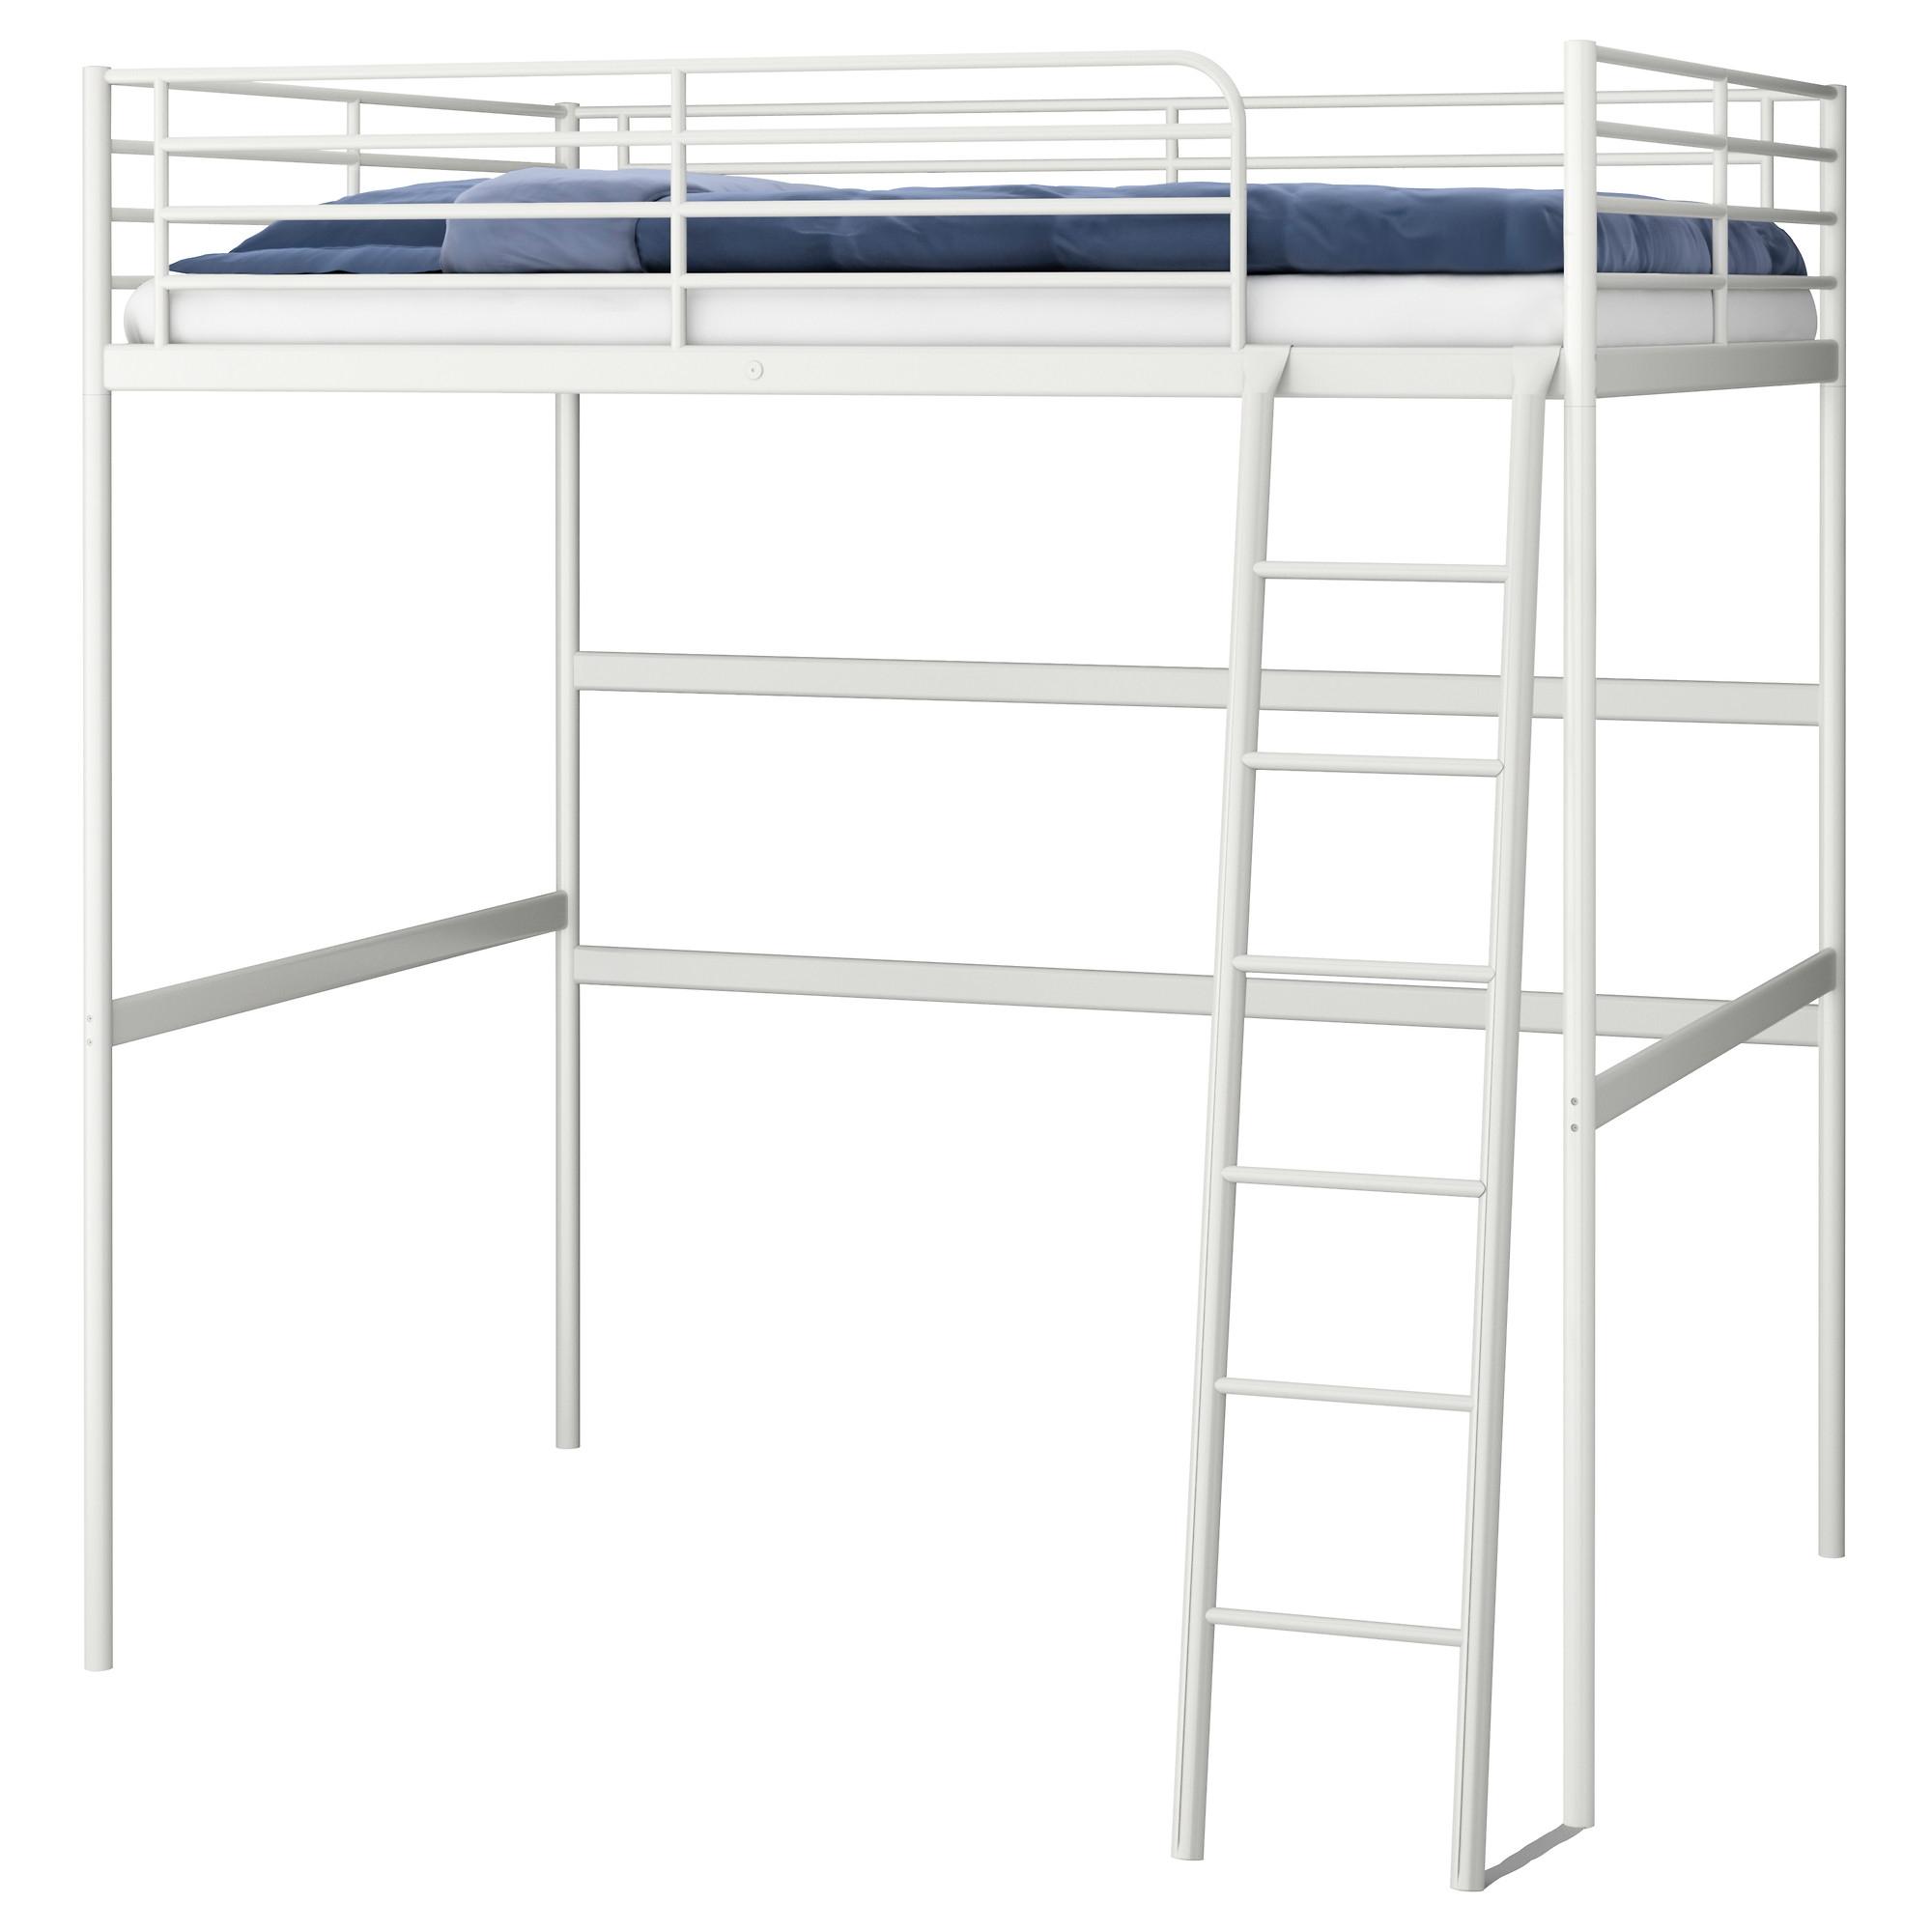 Troms estructura cama alta - Cama alta ikea ...